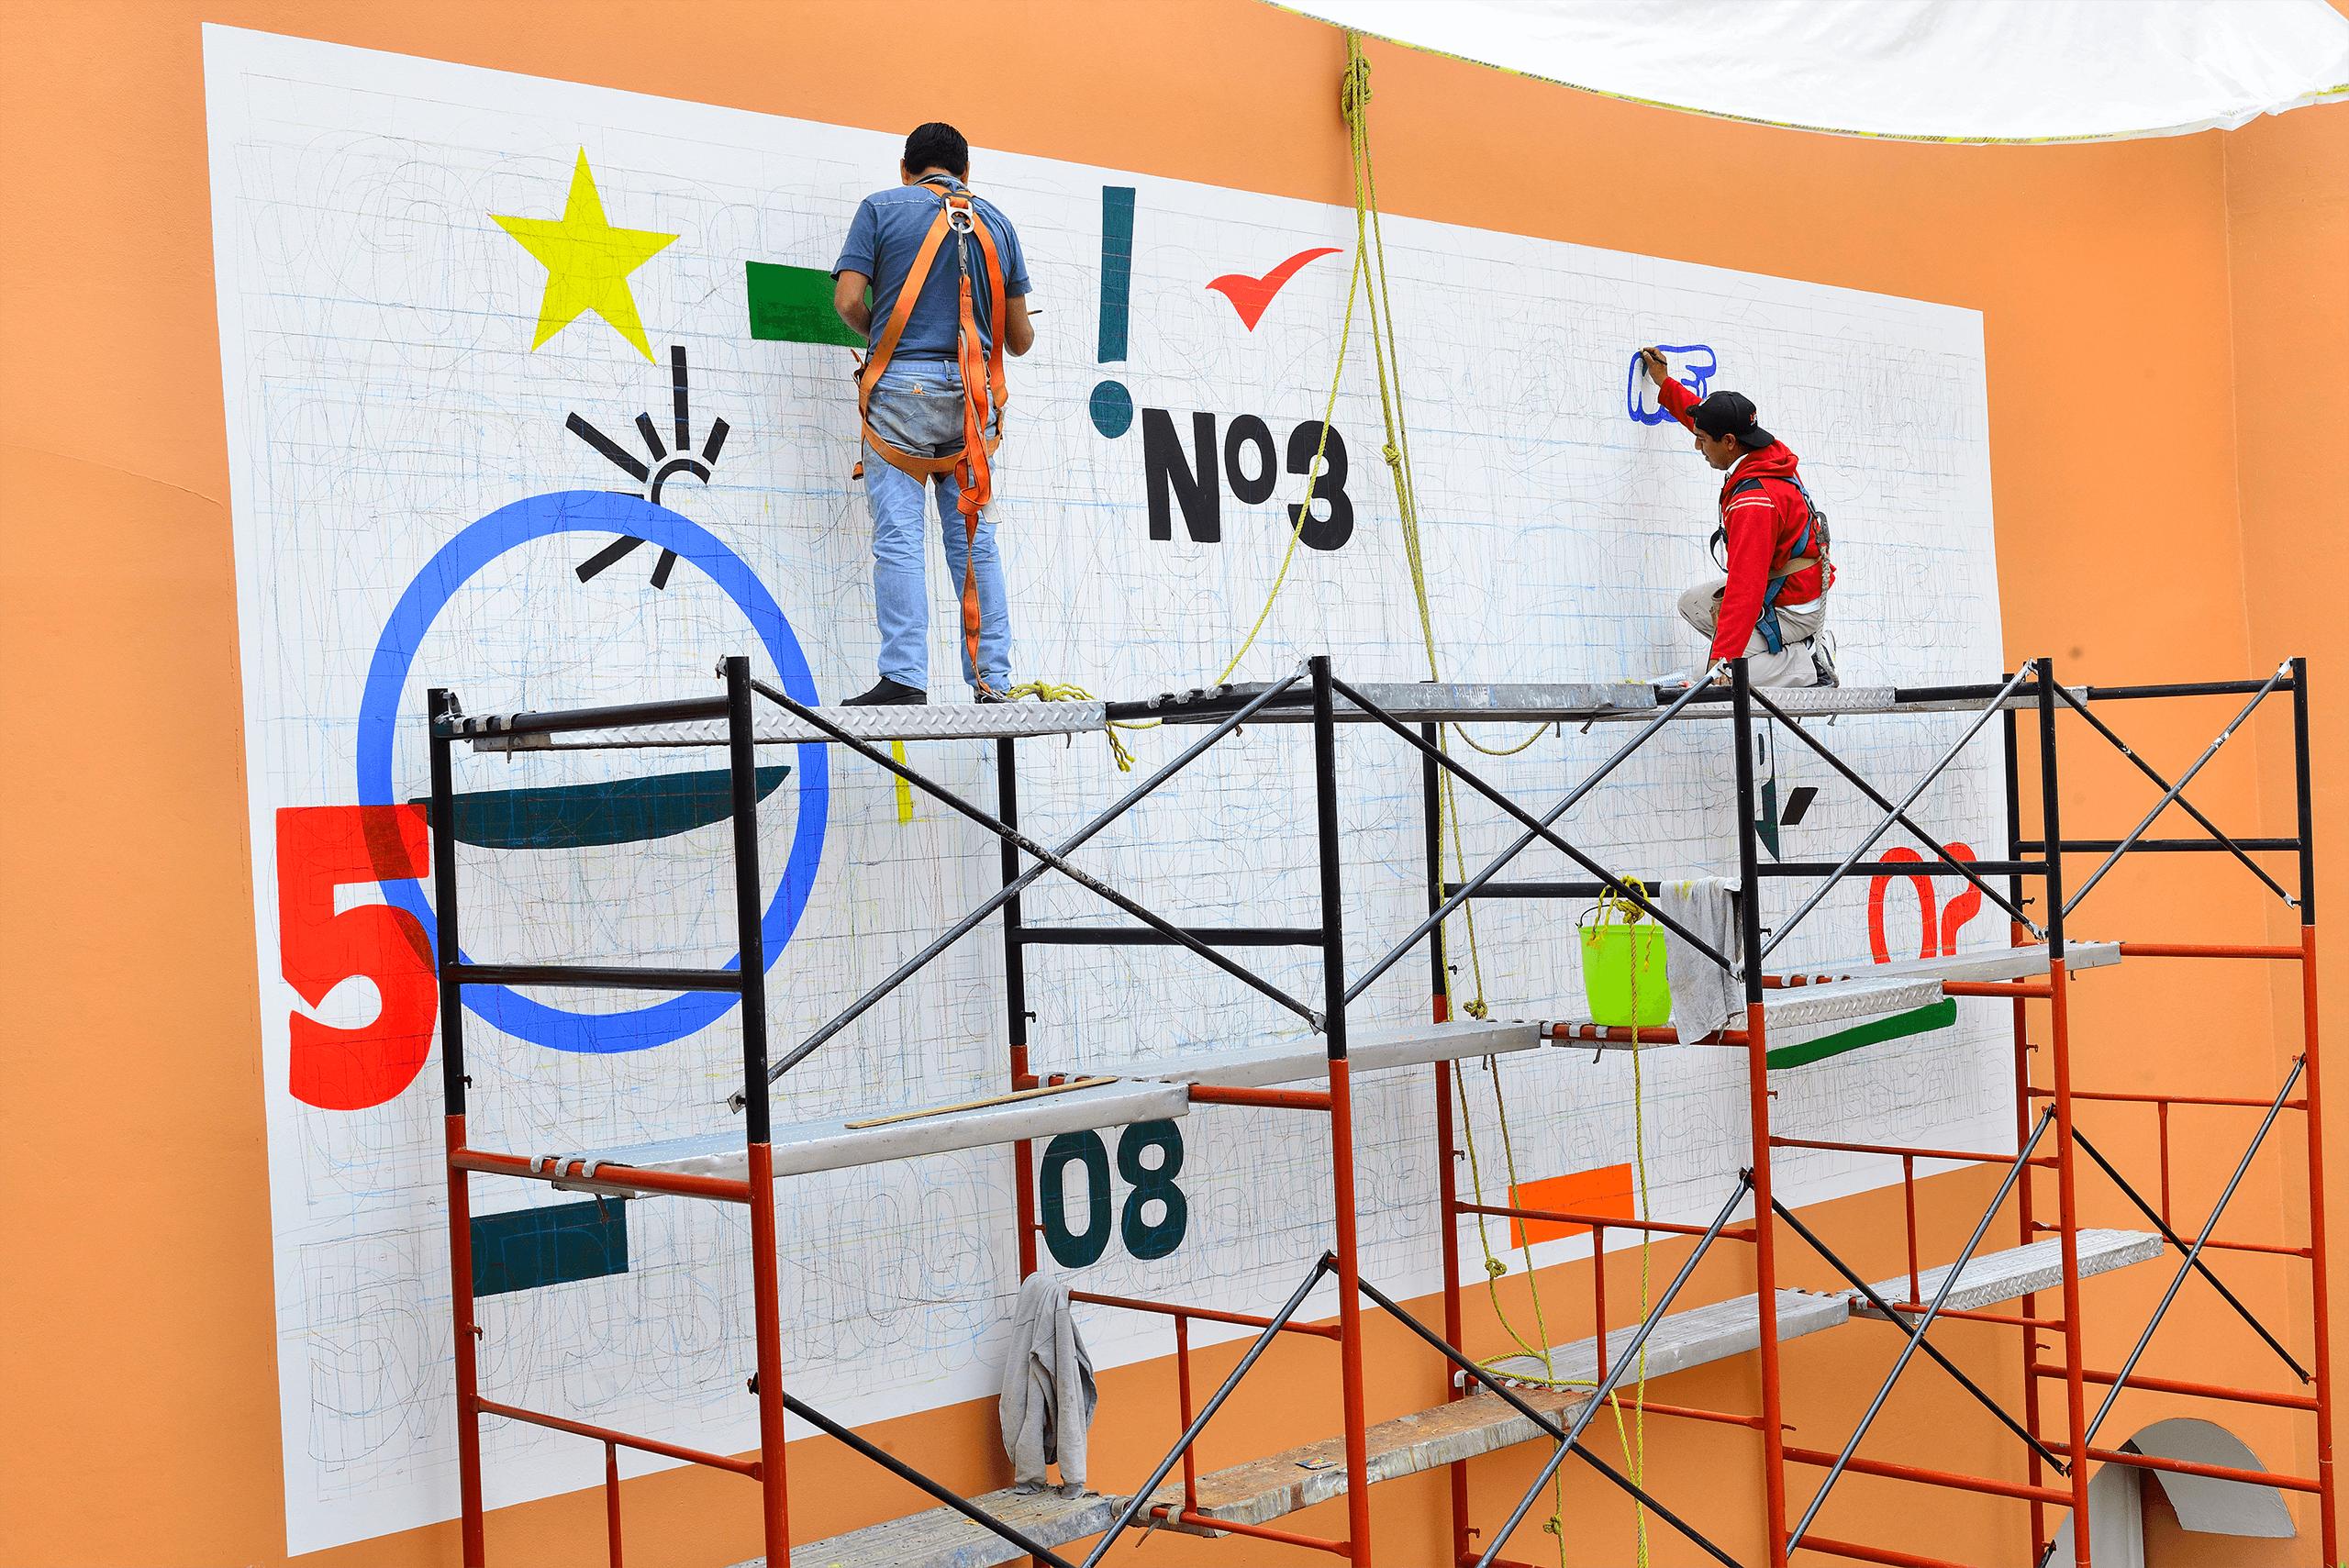 Arqueología del muro político. Palimpsesto de estudios preliminares   Tercerunquinto. Obra inconclusa   Museo Amparo, Puebla